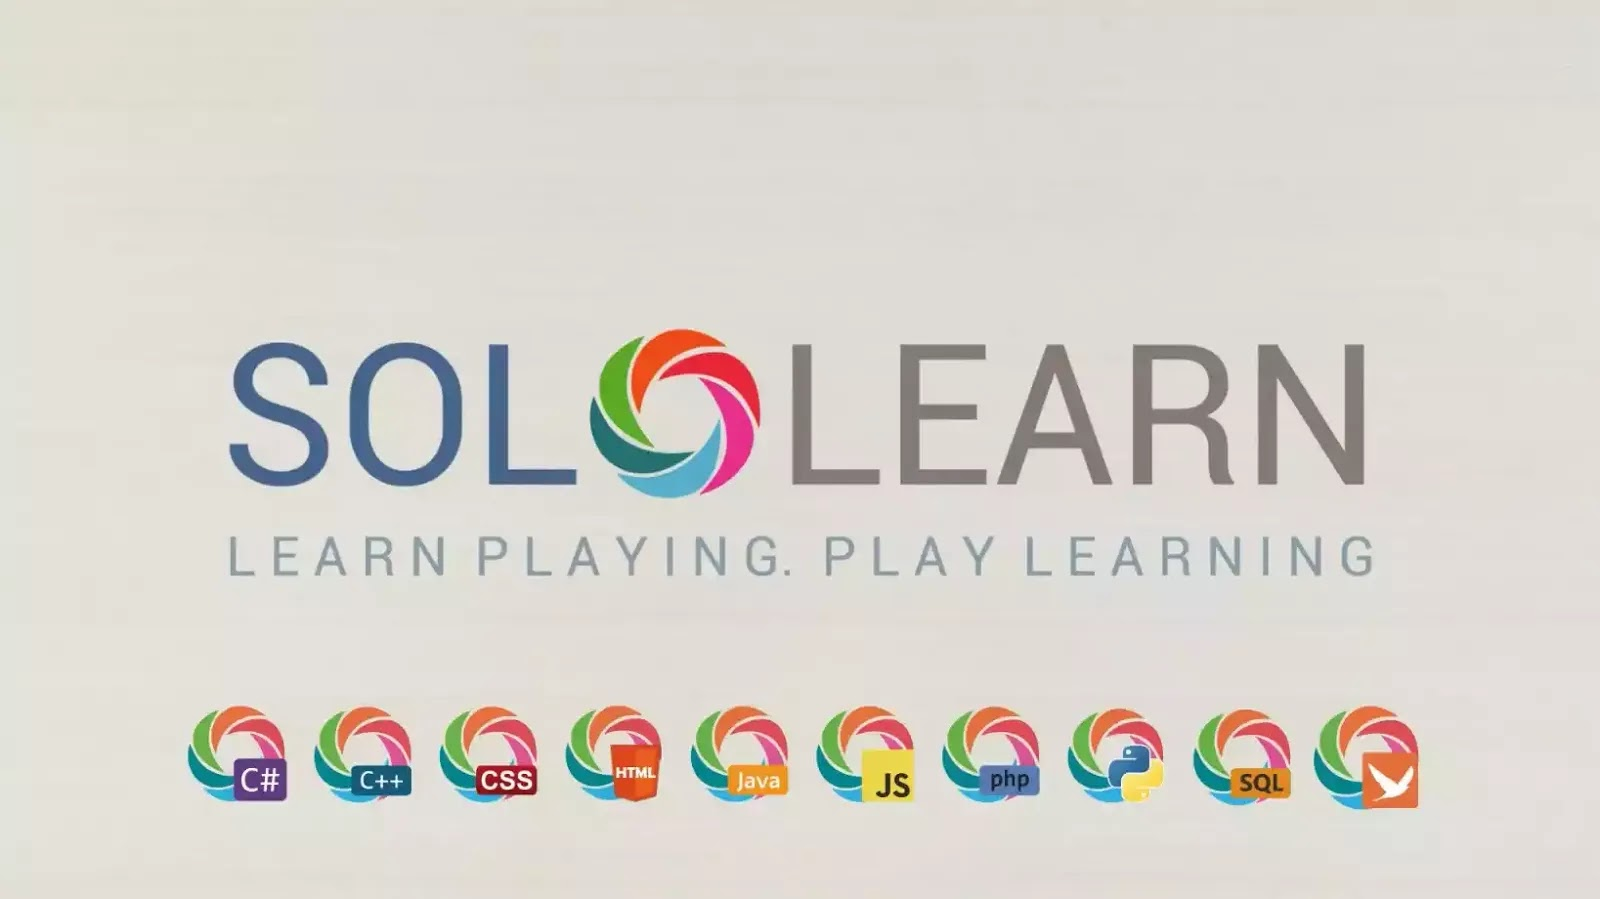 حول SoloLearn أكبر مجموعة من محتوى تعليمة برمجية مجانية ، من المبتدئين إلى المحترفين!